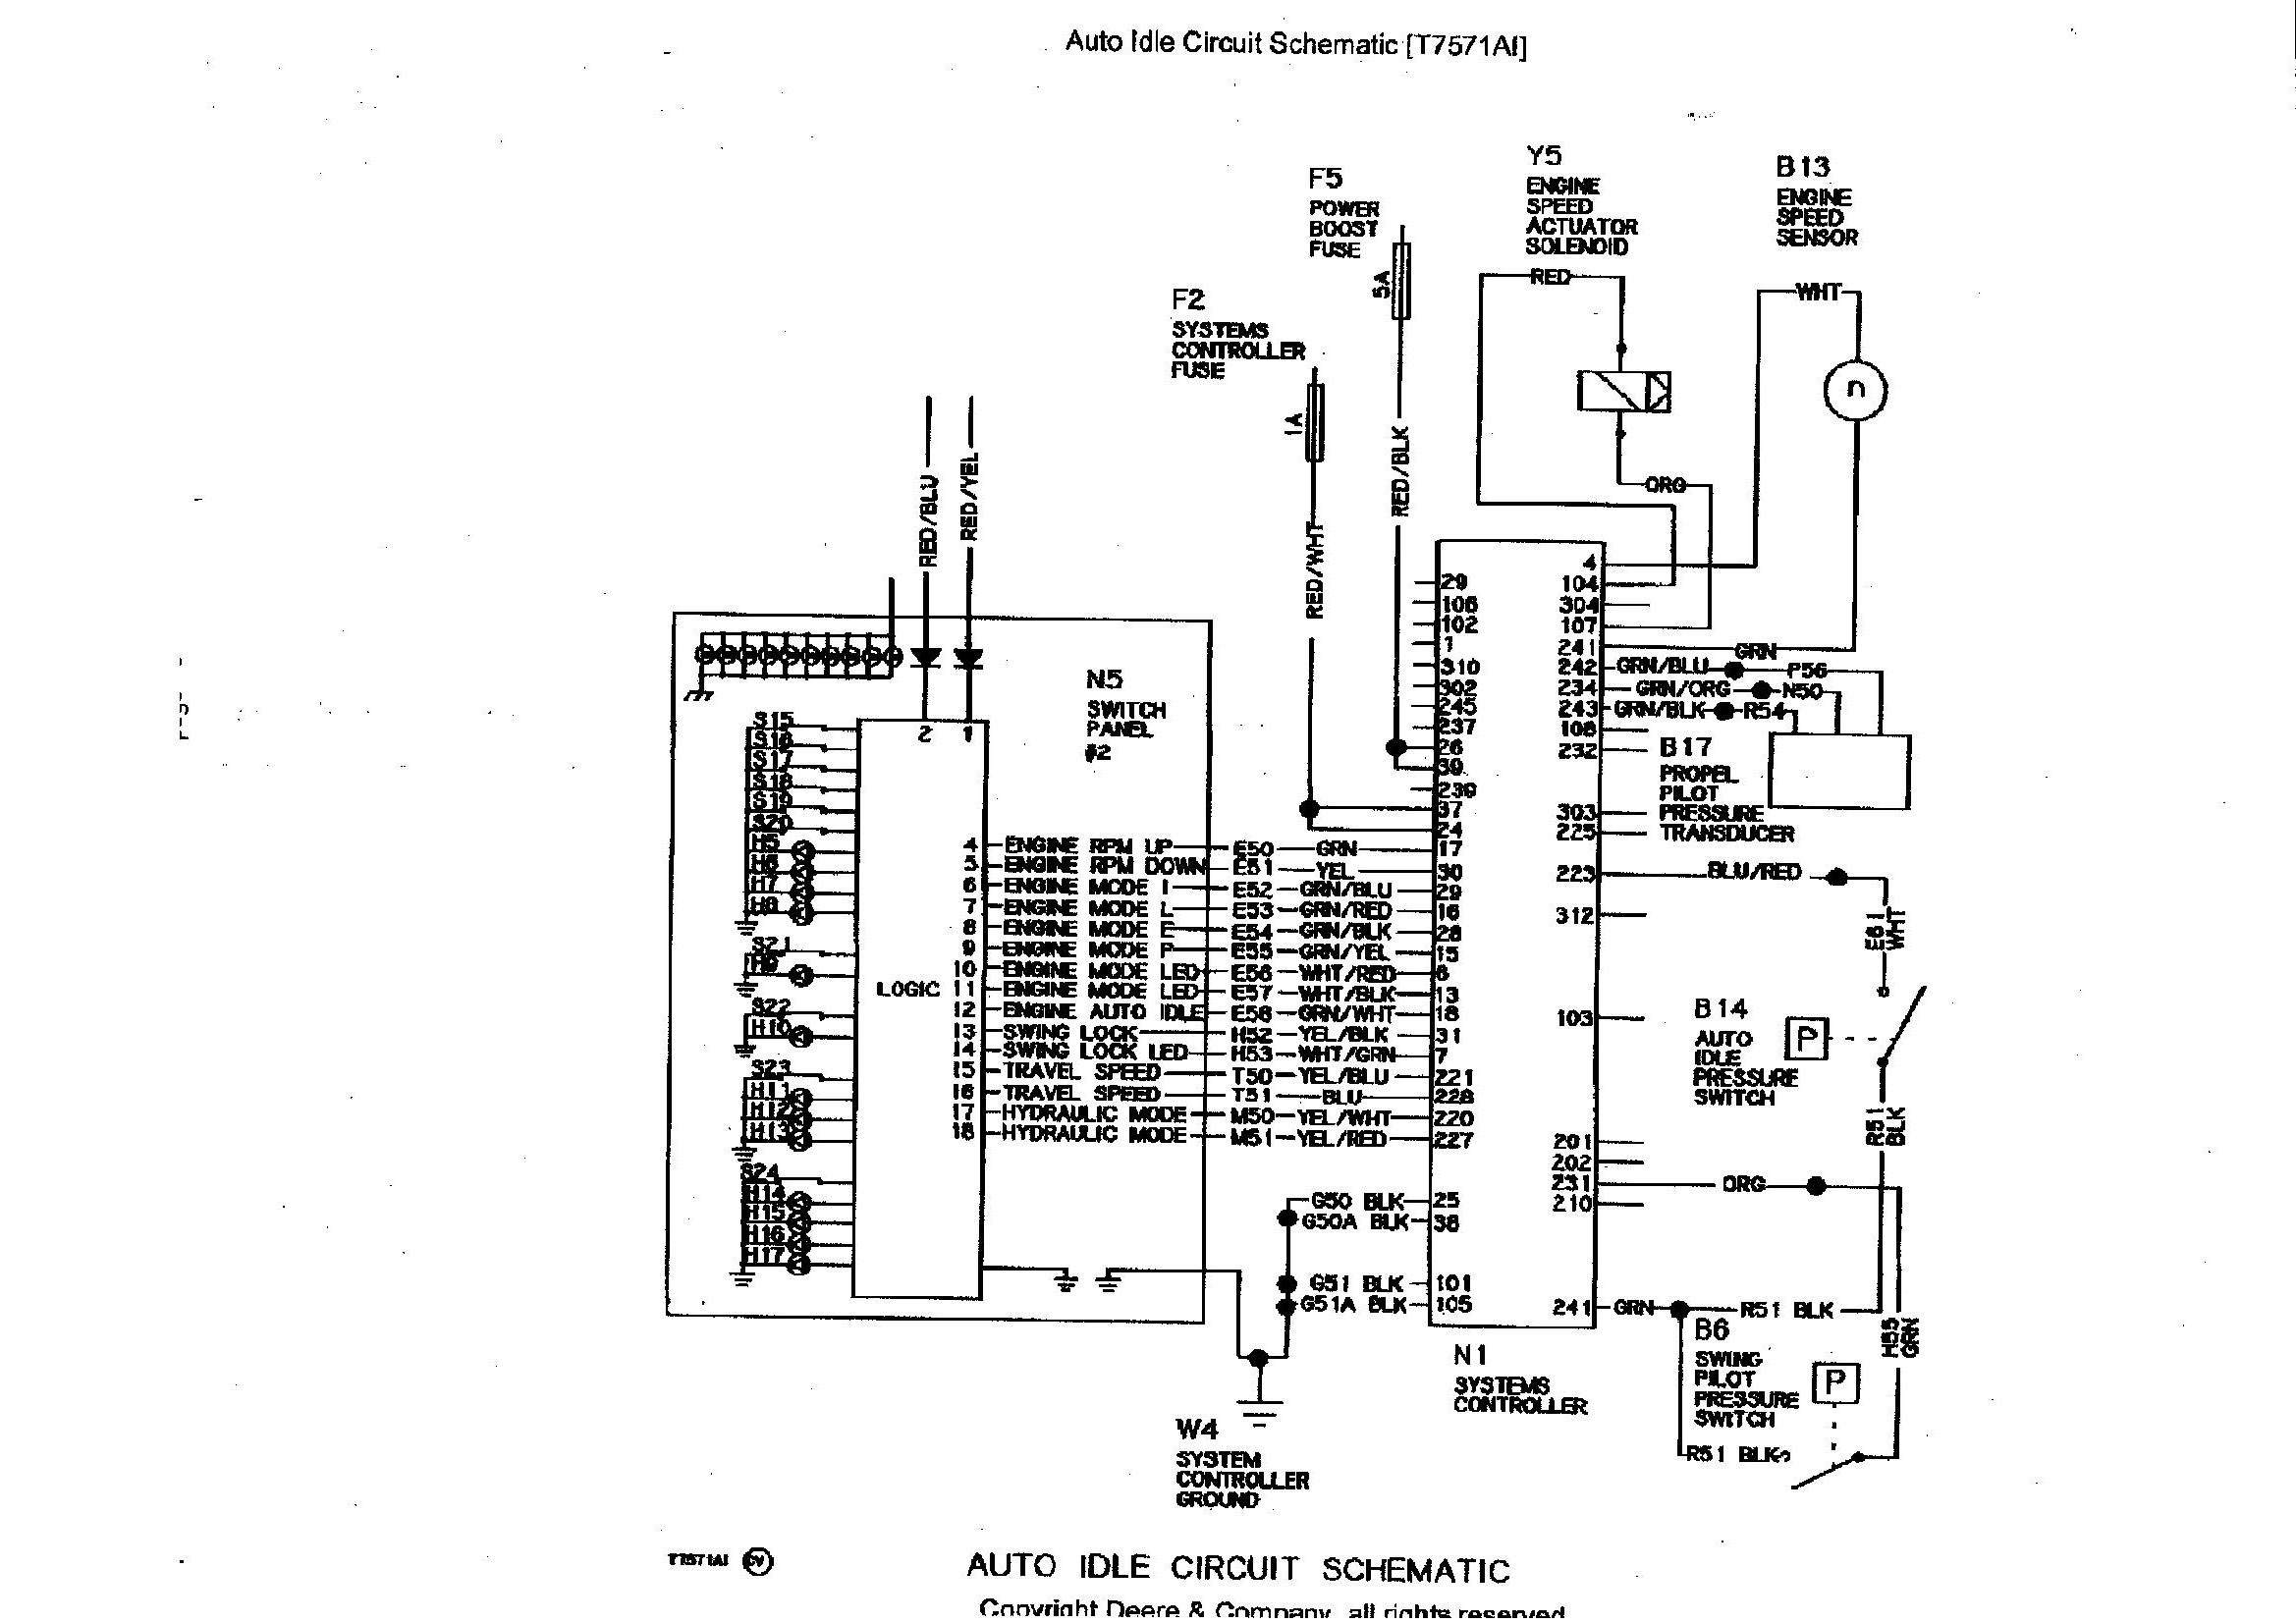 [ZTBE_9966]  WO_0110] John Deere 160 Excavator Wiring Diagram Together With John Deere  Wiring Diagram | John Deere 160 Wiring Diagram |  | Unnu Nerve Groa Chro Leona Siry Inama Mohammedshrine Librar Wiring 101